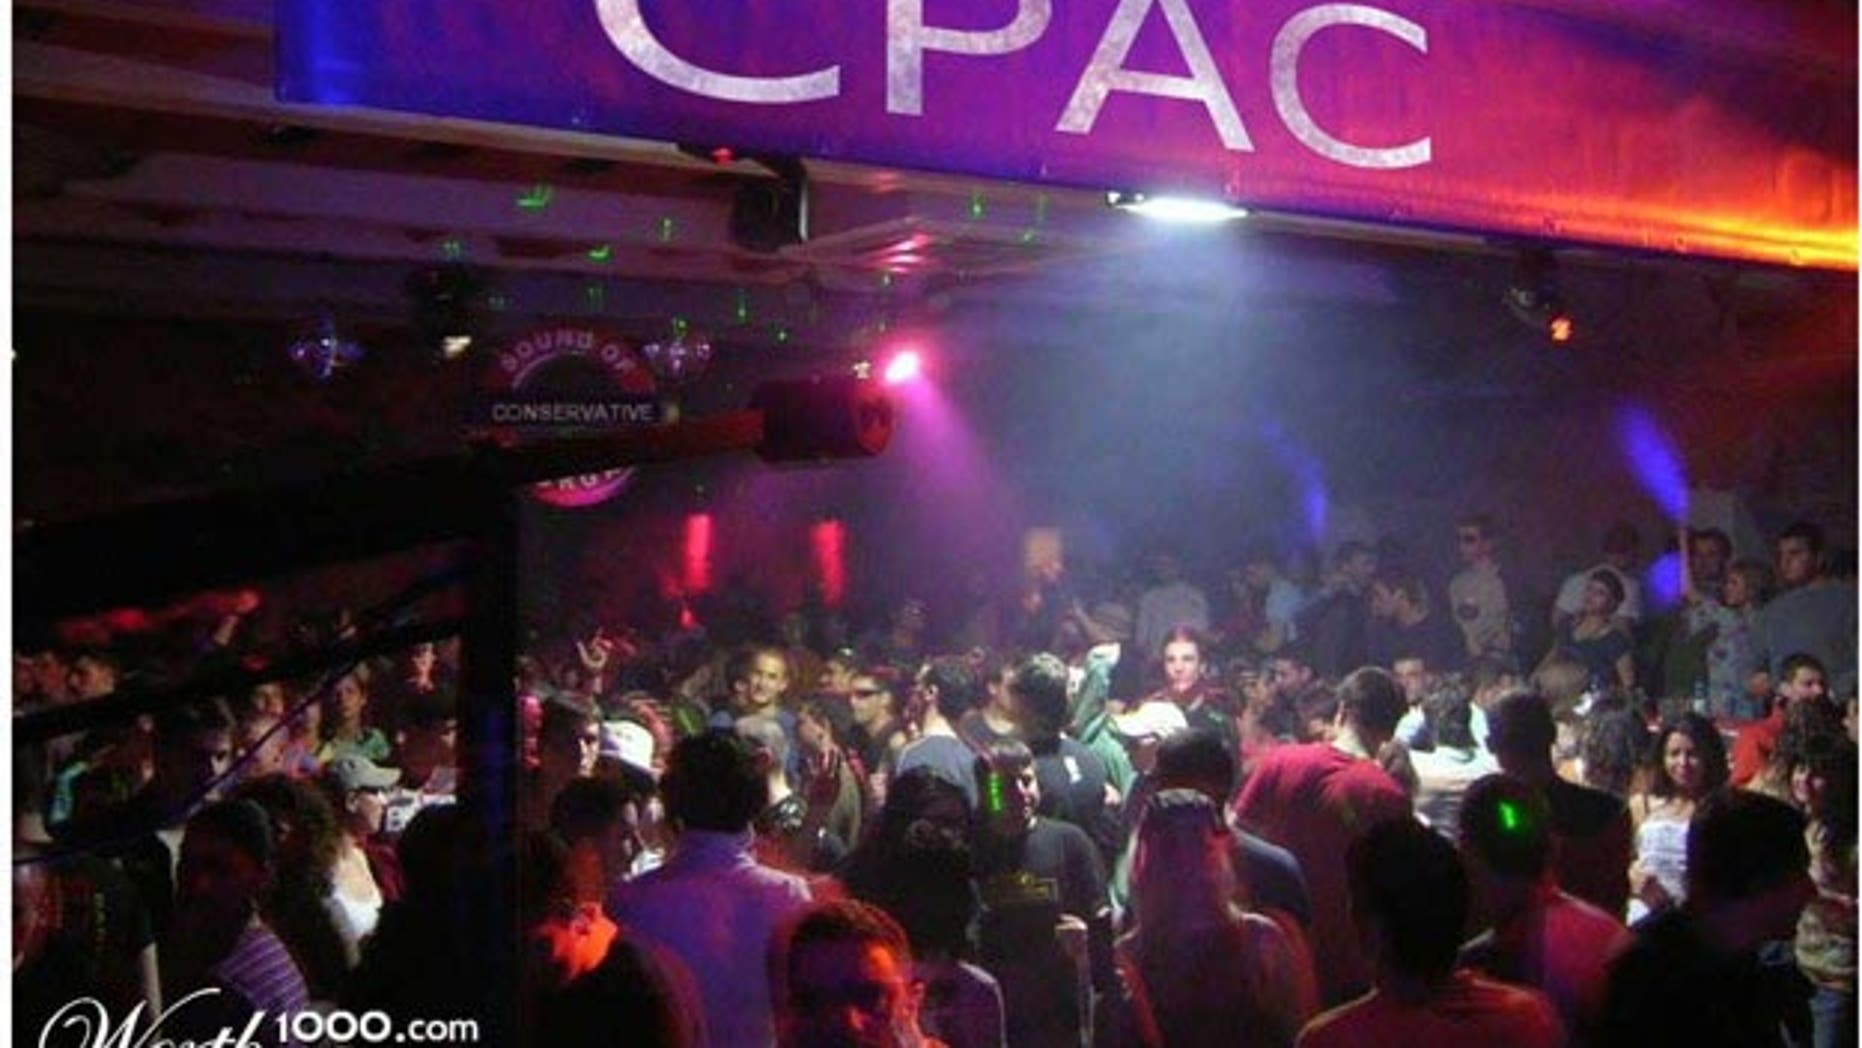 CPAC 2010